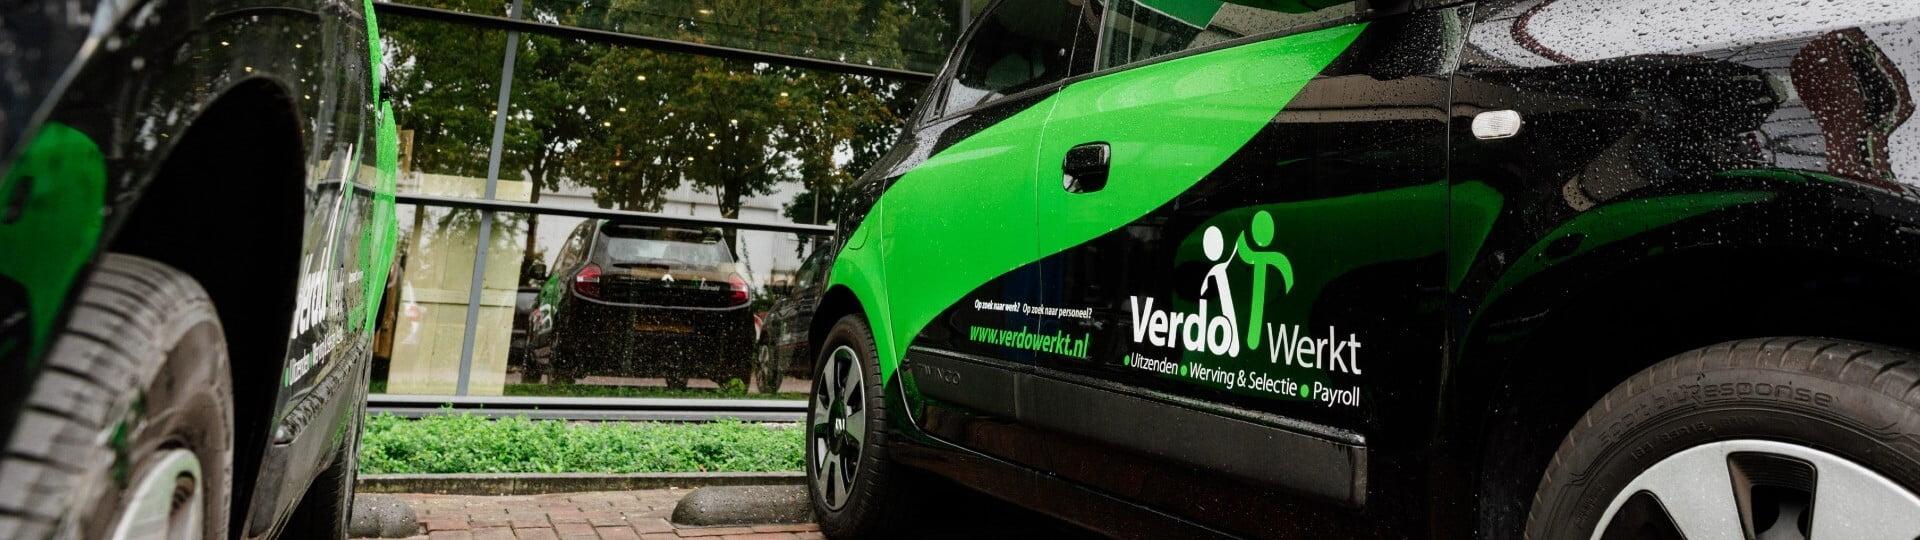 De voordelen van werken bij uitzendbureau Verdo Werkt